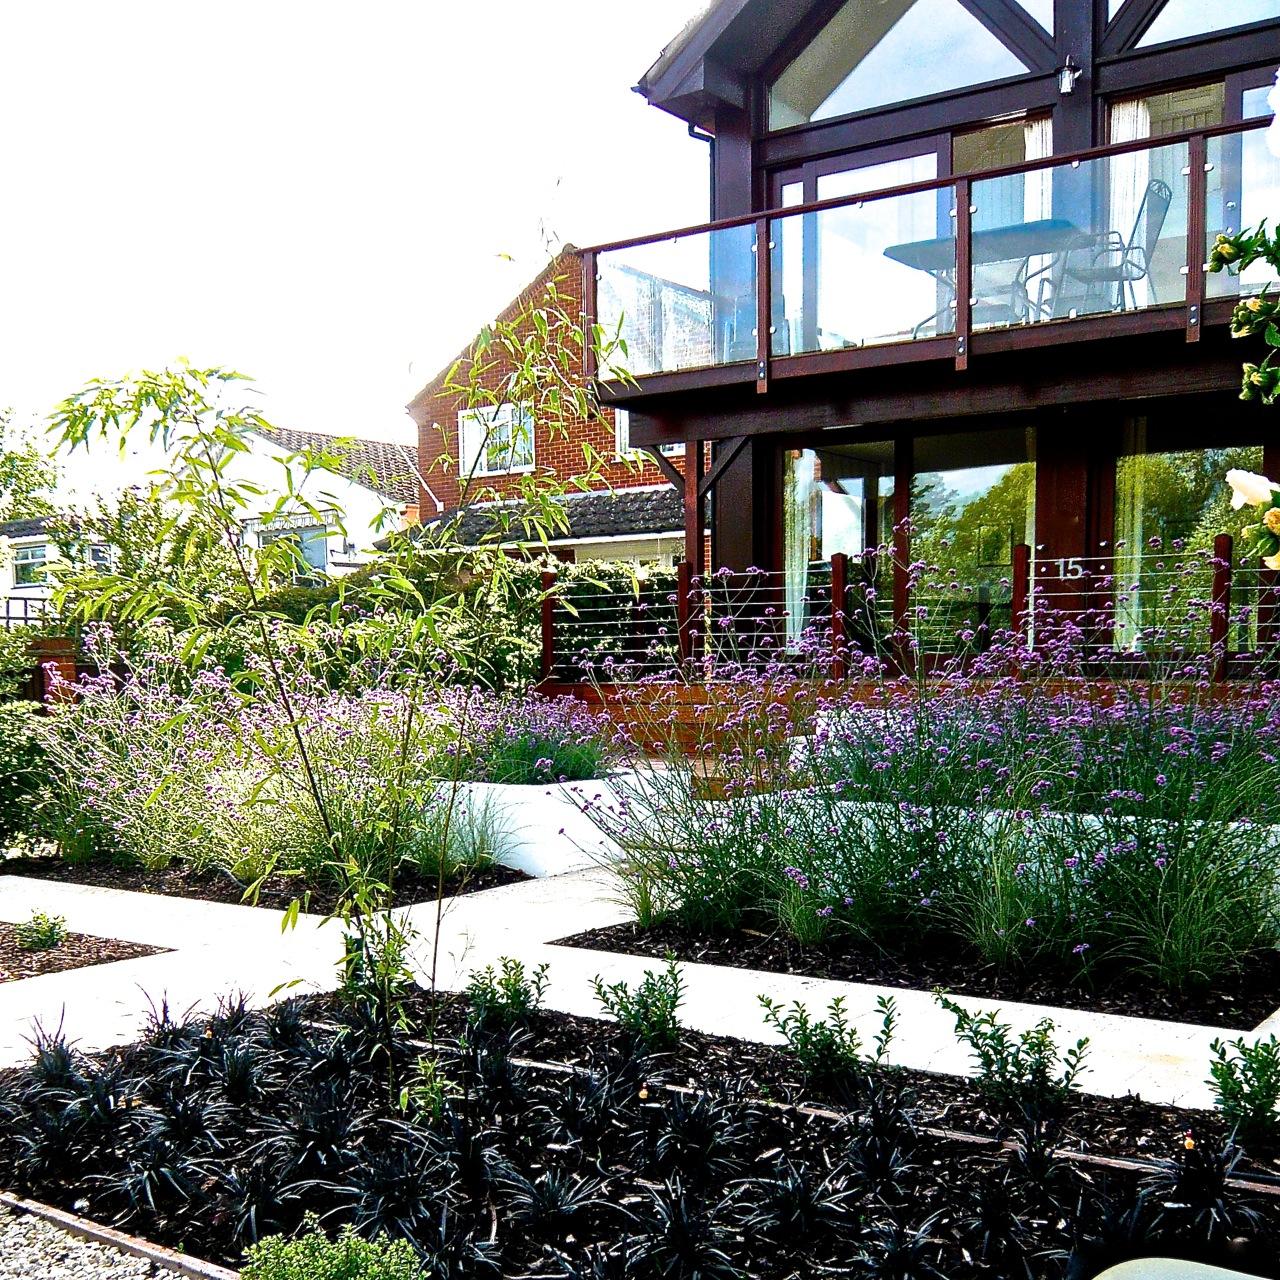 Purley on thames riverside garden by www.joannealderson.com 2